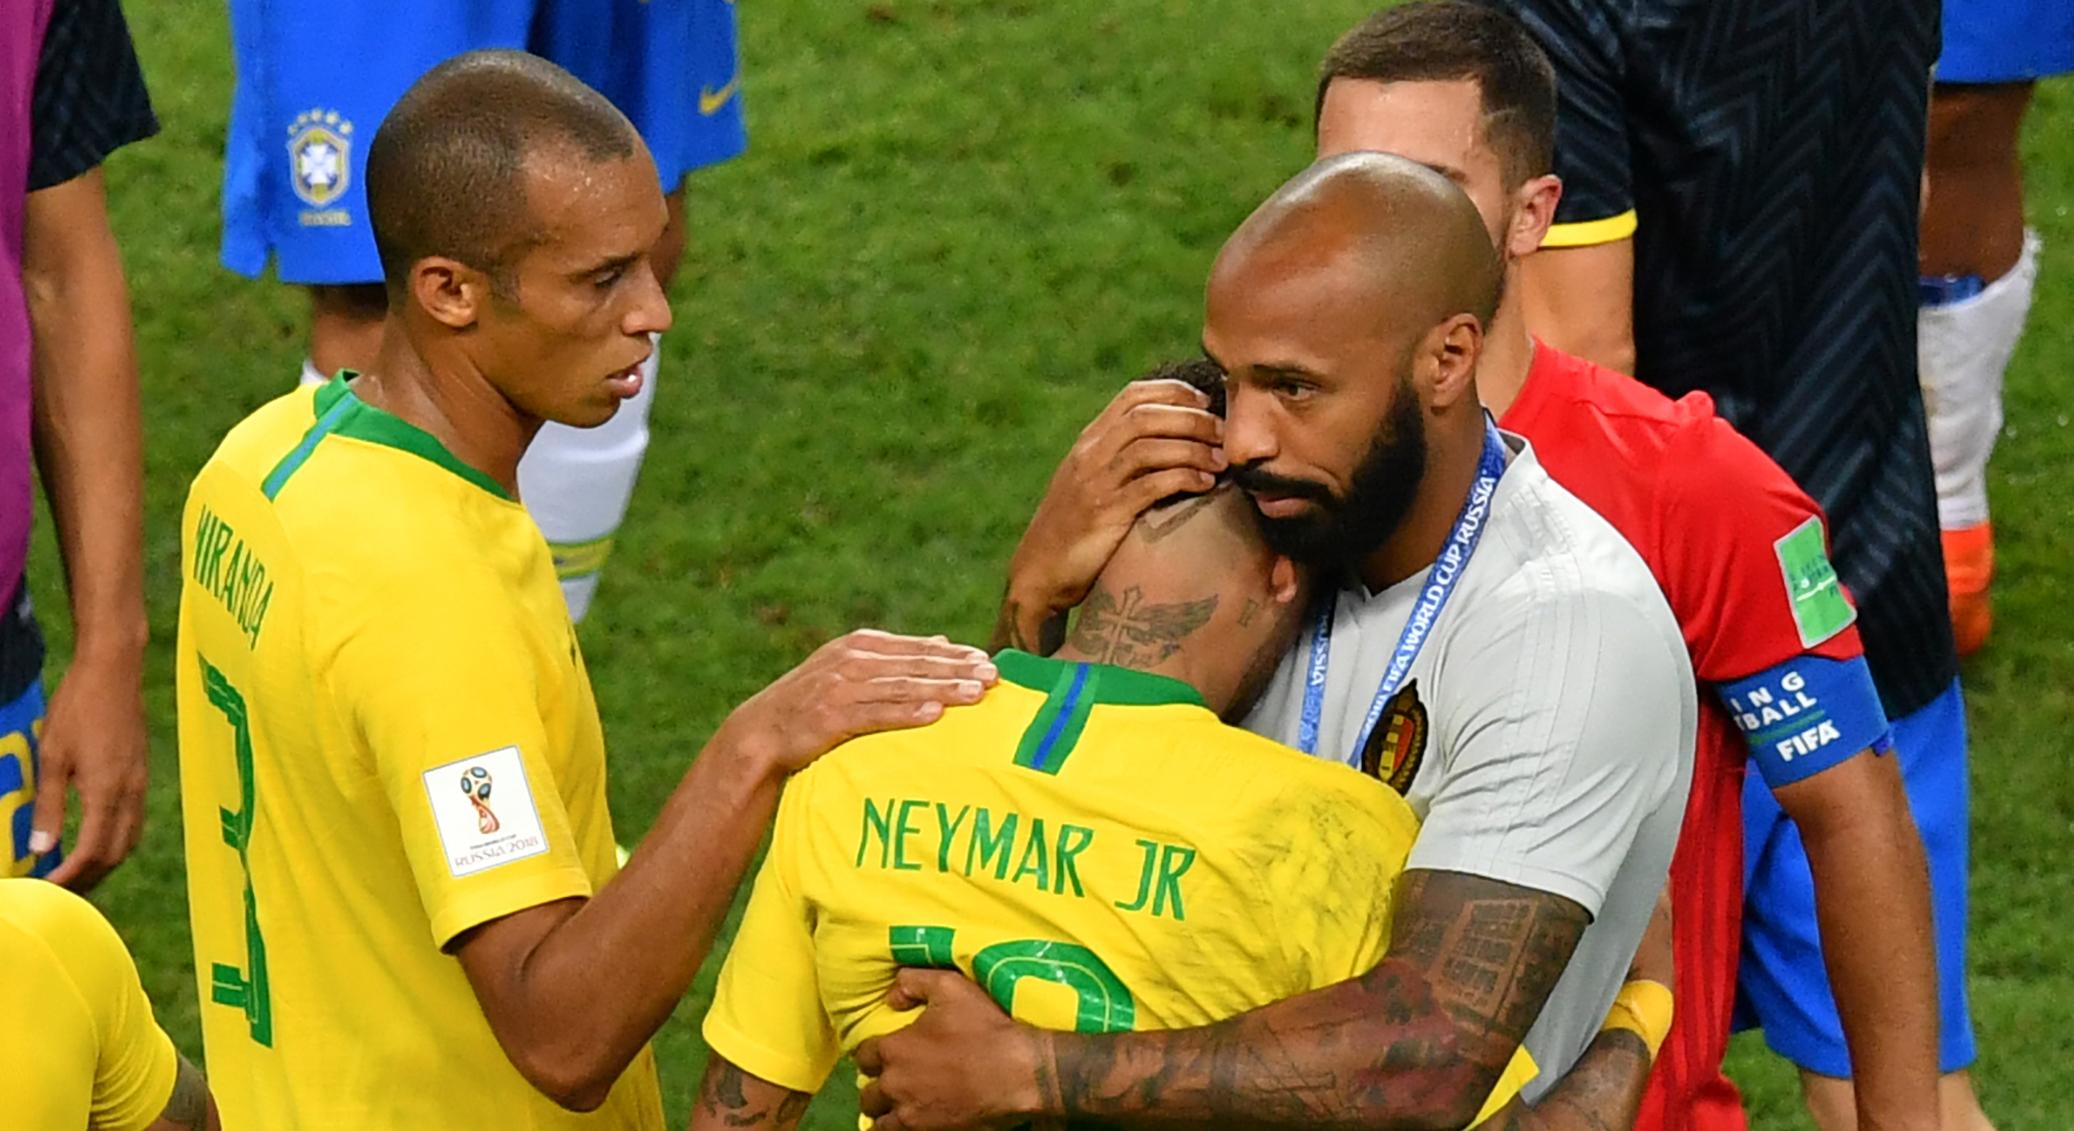 Neymar Thierry Henry Brazil Belgium